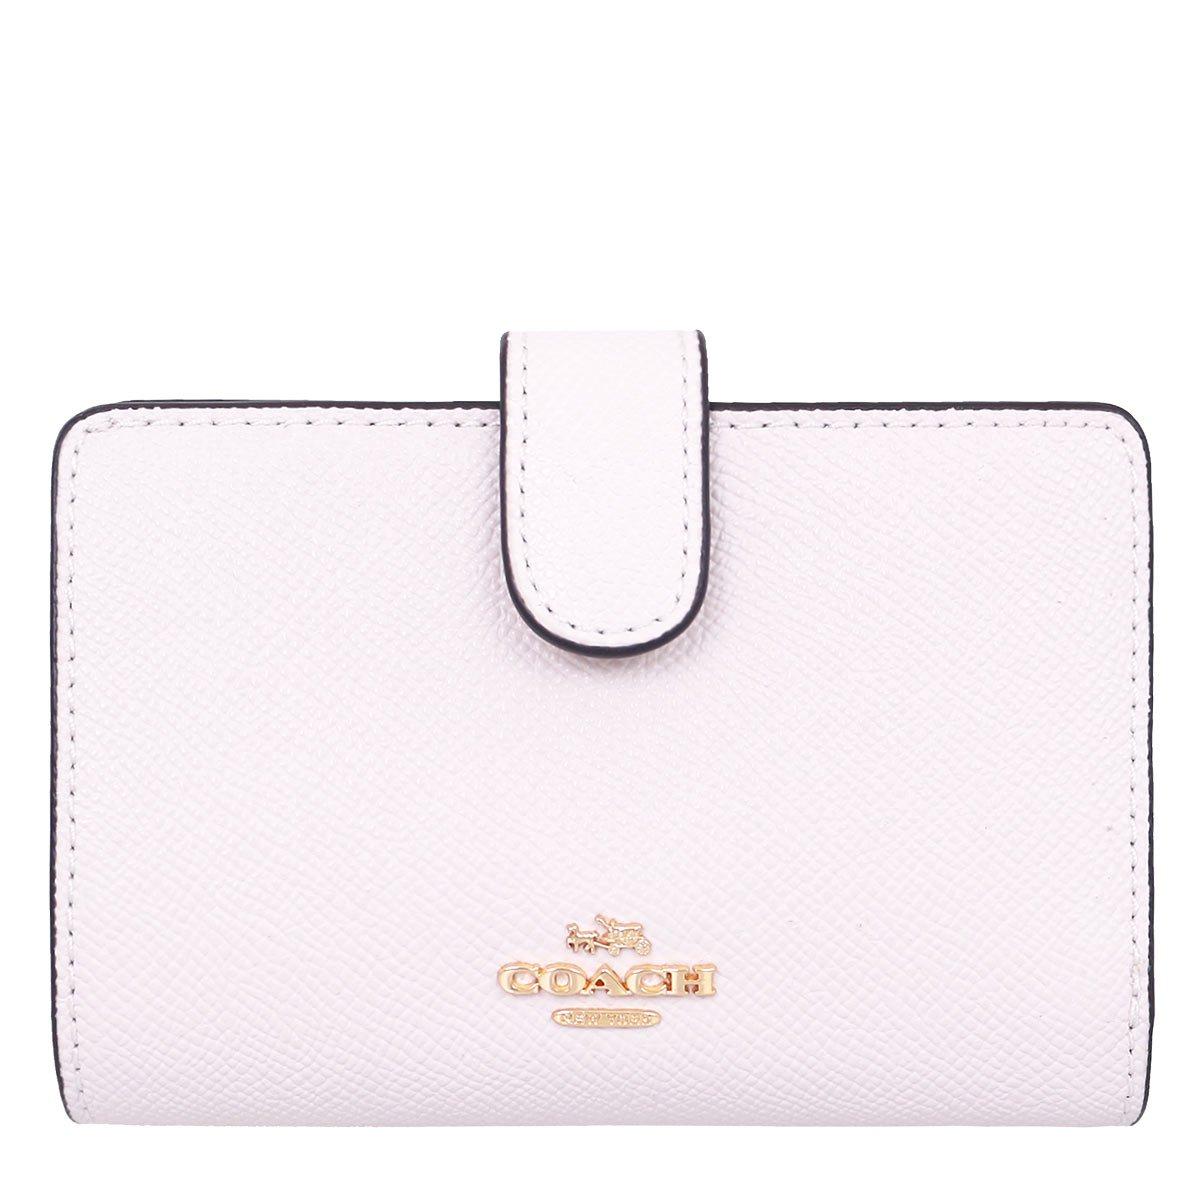 new product a507c c7127 財布 [並行輸入品] F11484 [コーチ] 二つ折り財布 (二つ折り財布 ...